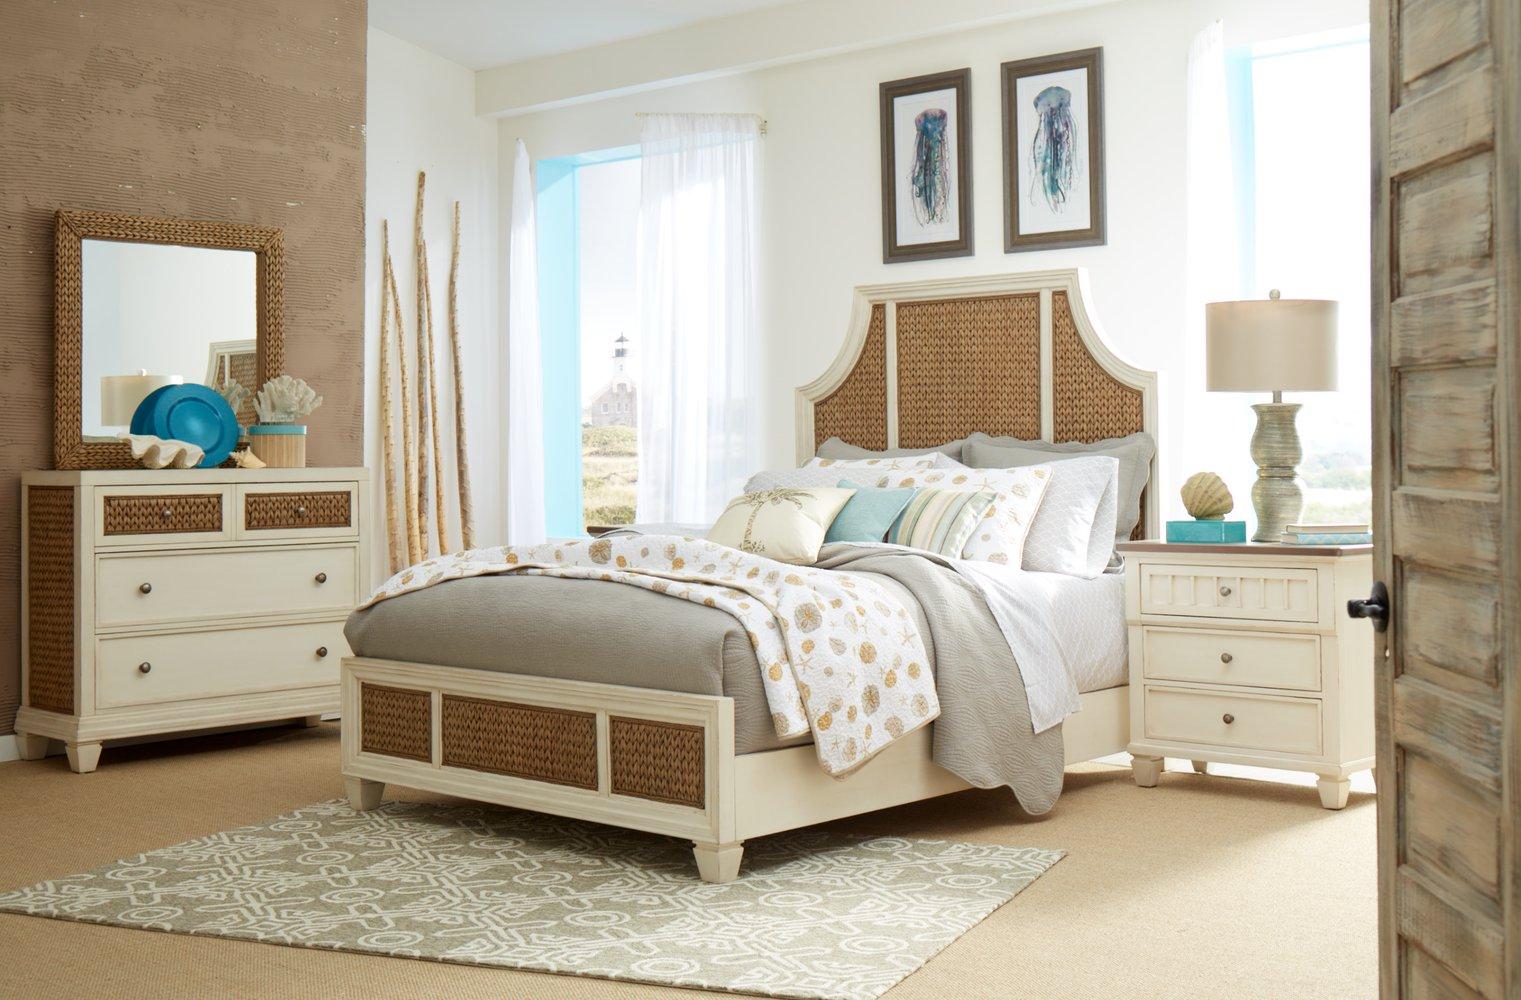 Bridgehampton bedroom